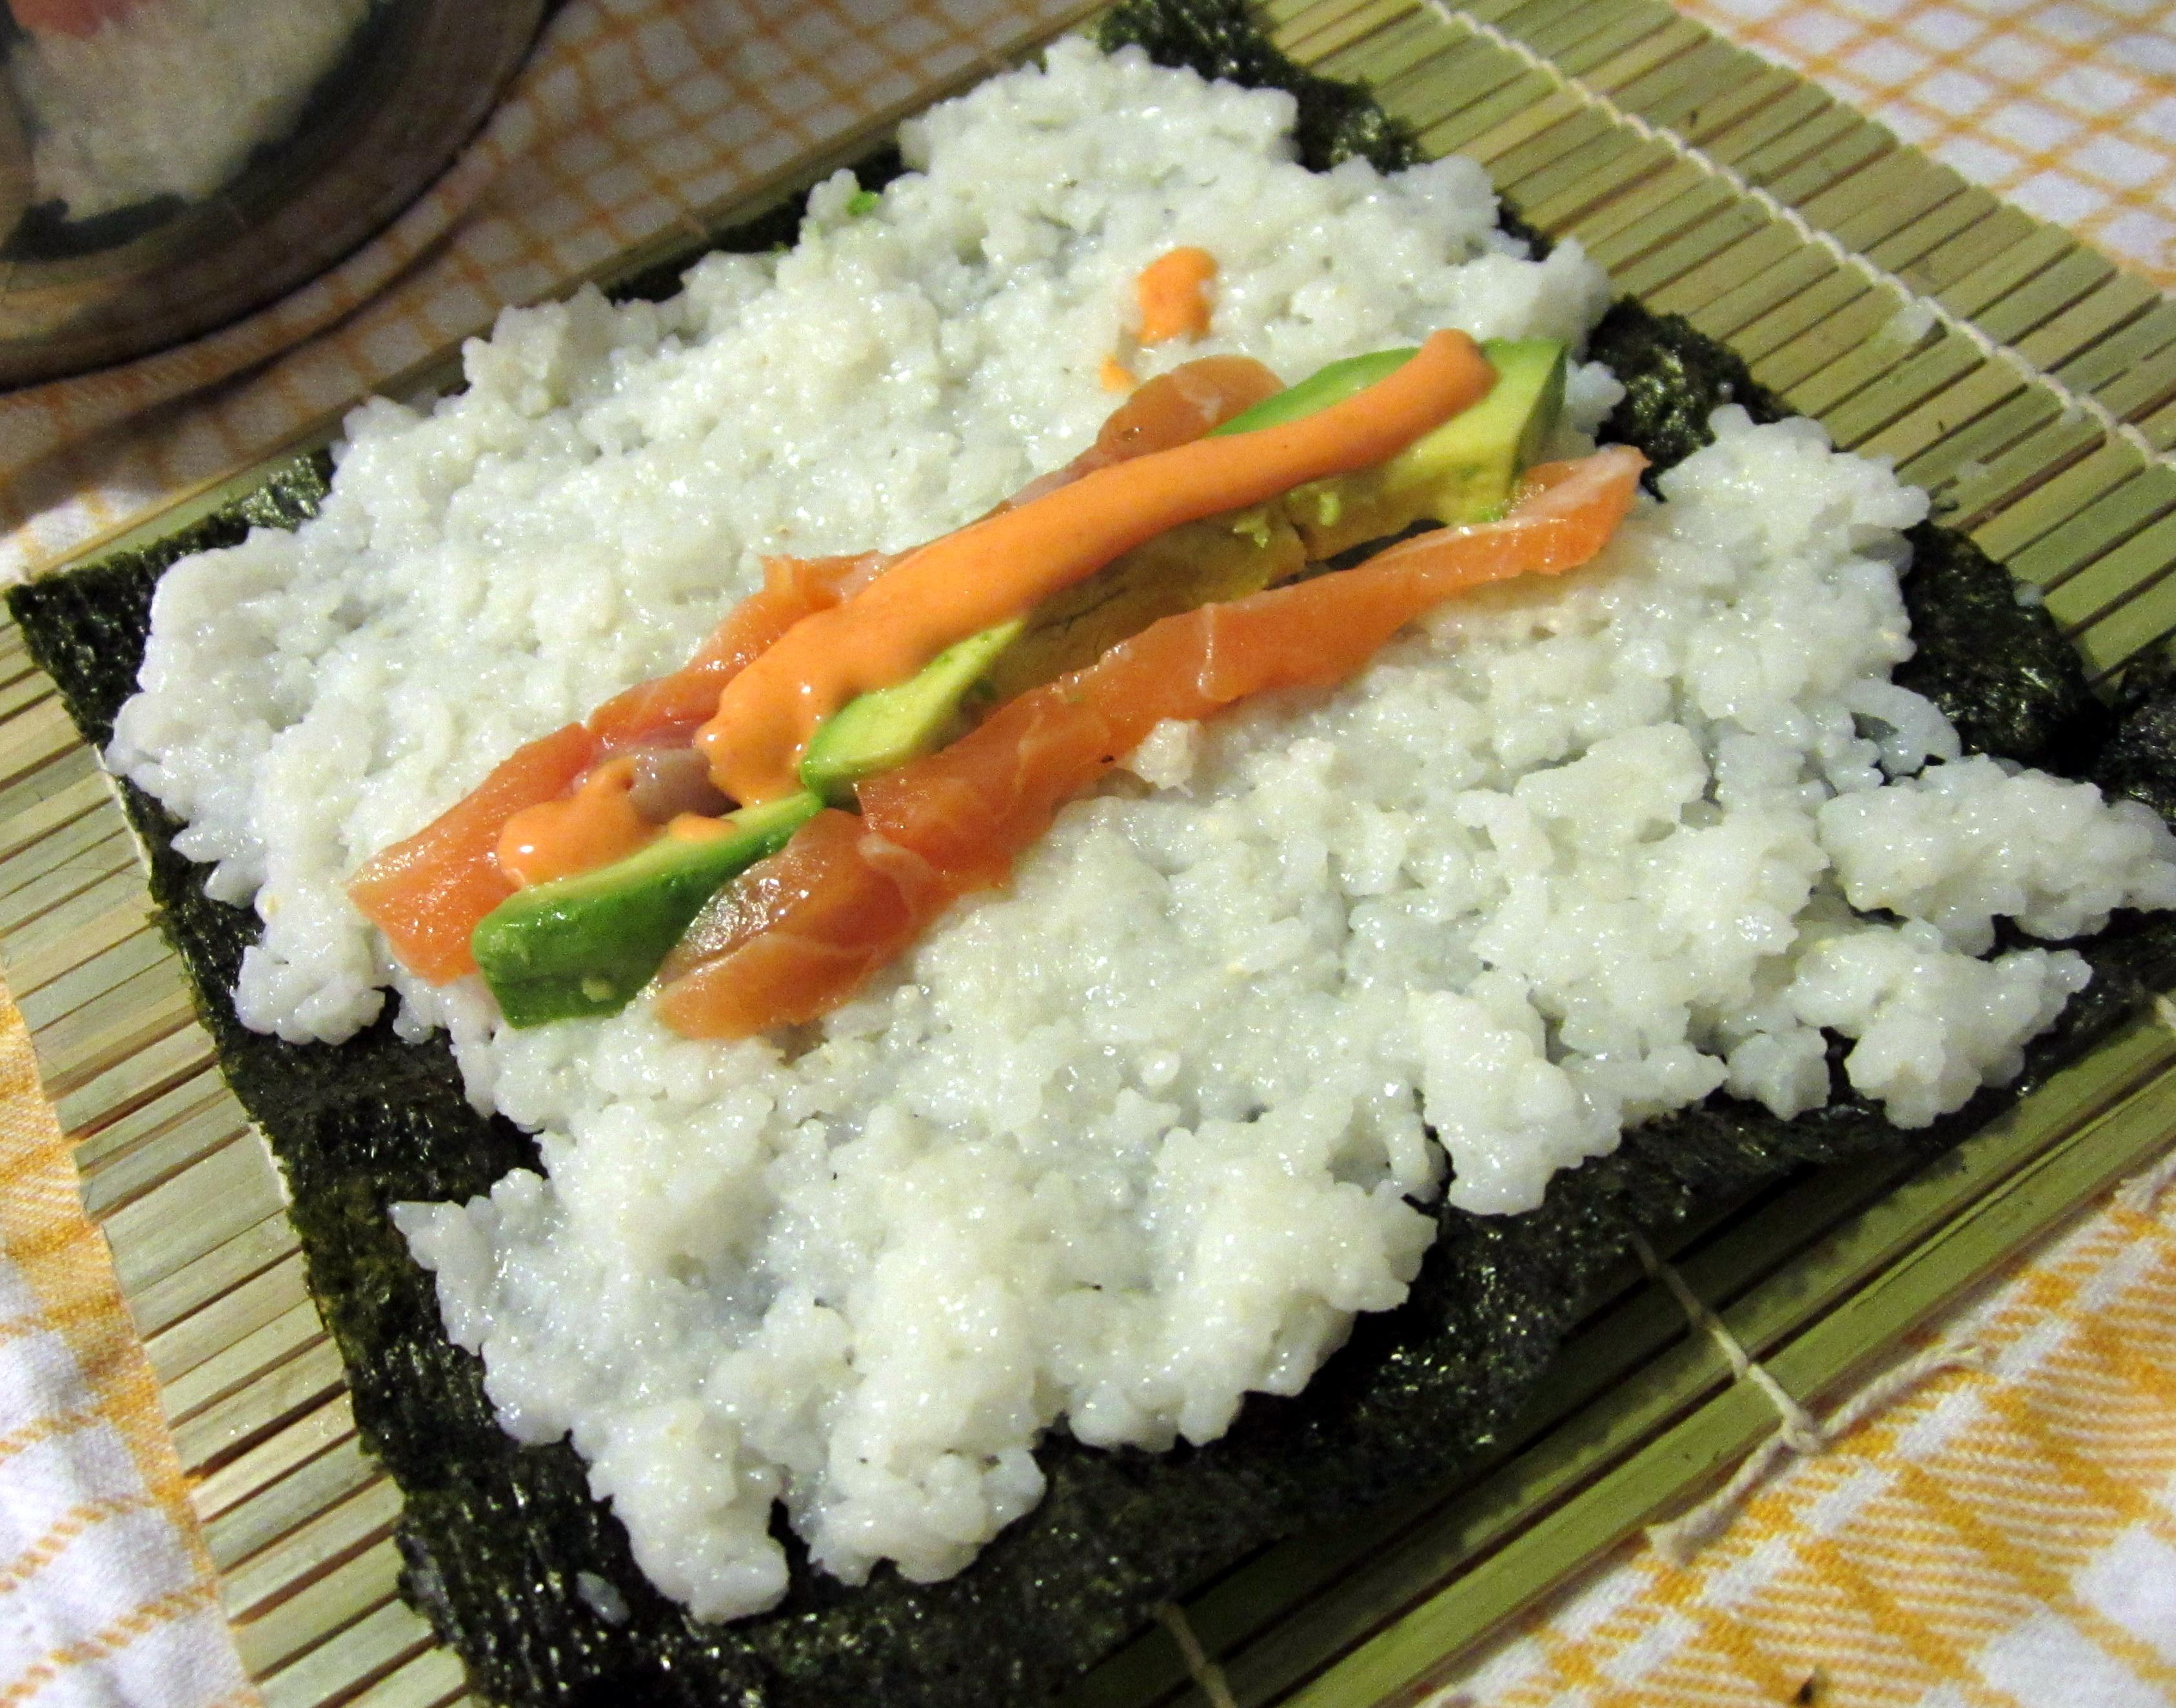 indigestion sushi